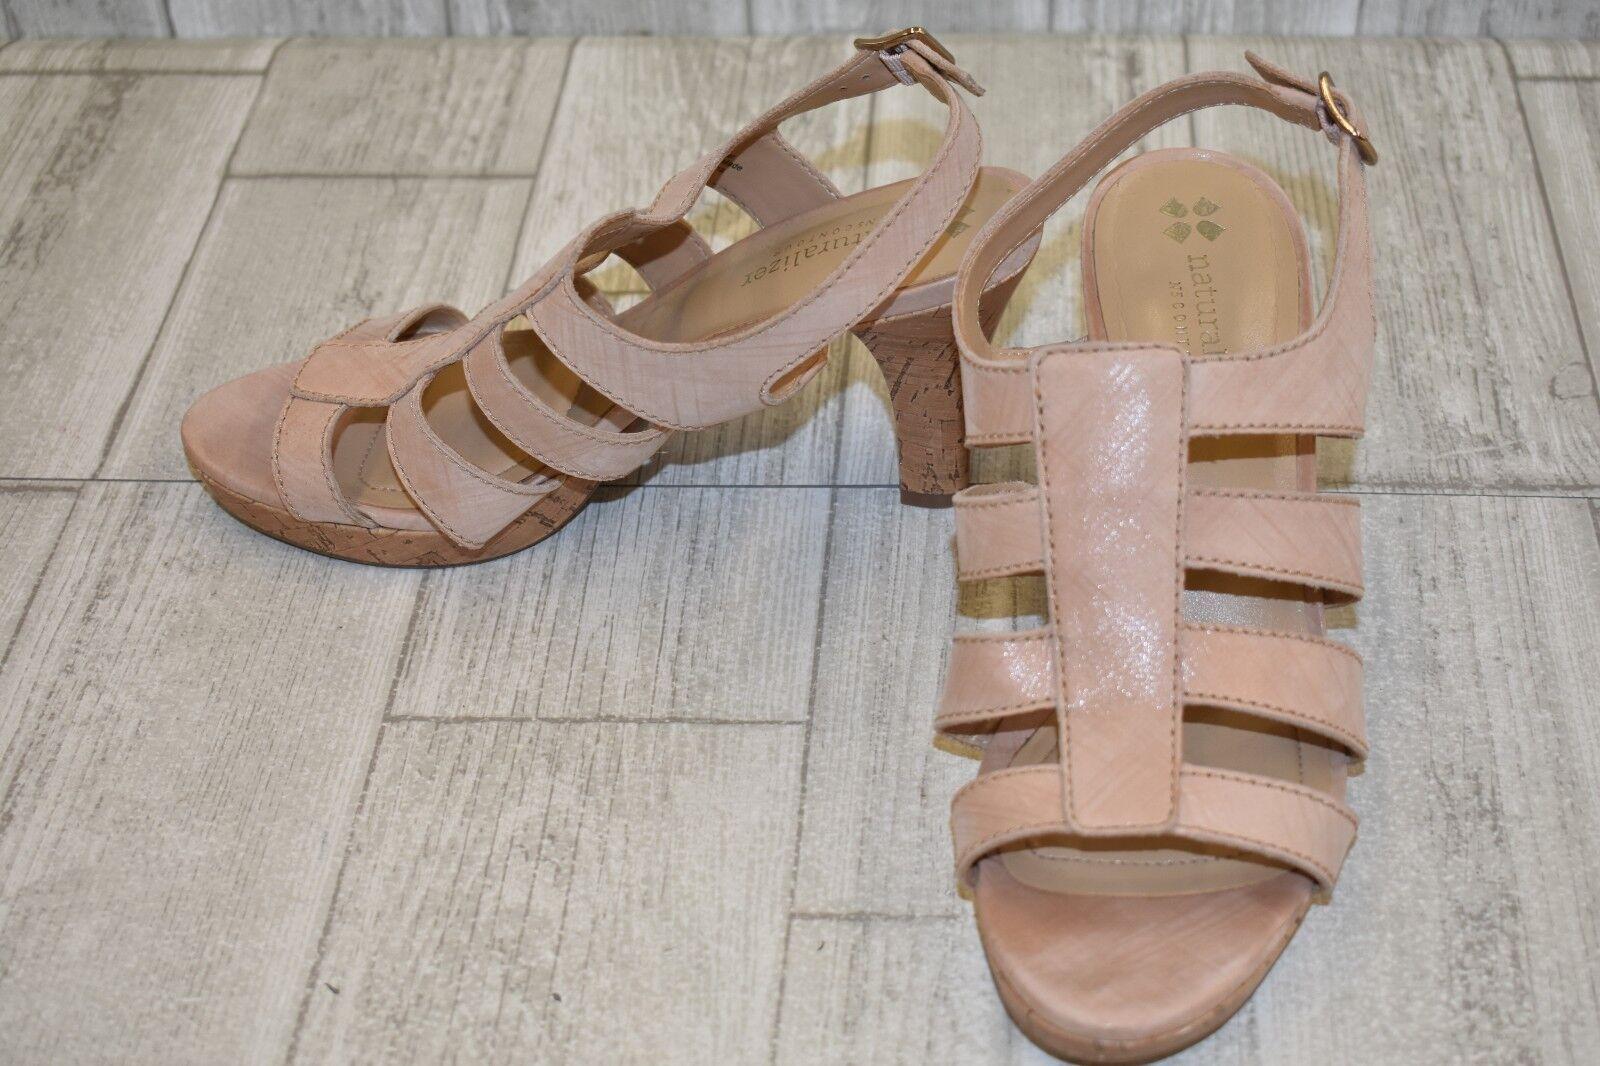 economico e alla moda Naturalizer Preya Preya Preya Strappy Leather Sandals, Donna  Dimensione 7.5W, Mauve NEW  clienti prima reputazione prima